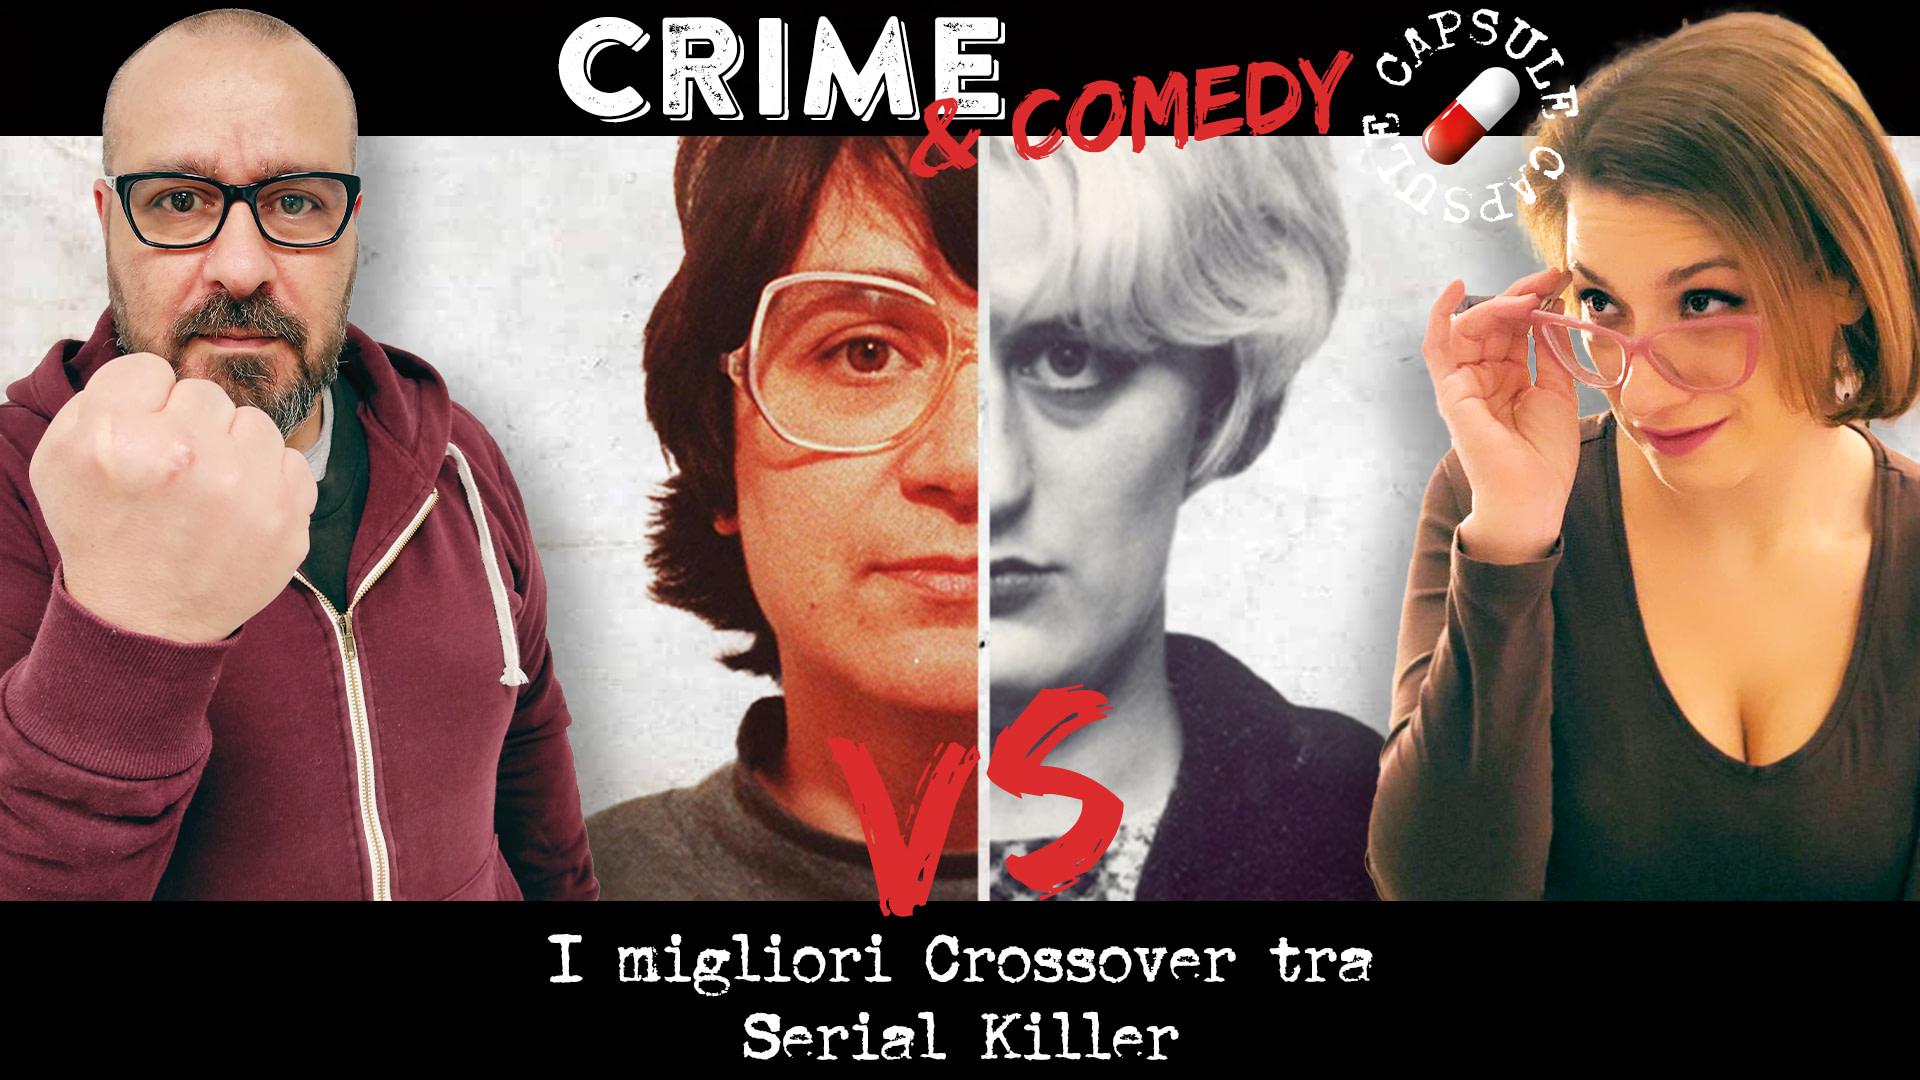 I migliori Crossover tra Serial Killer - Crime & Comedy Capsule - Podcast